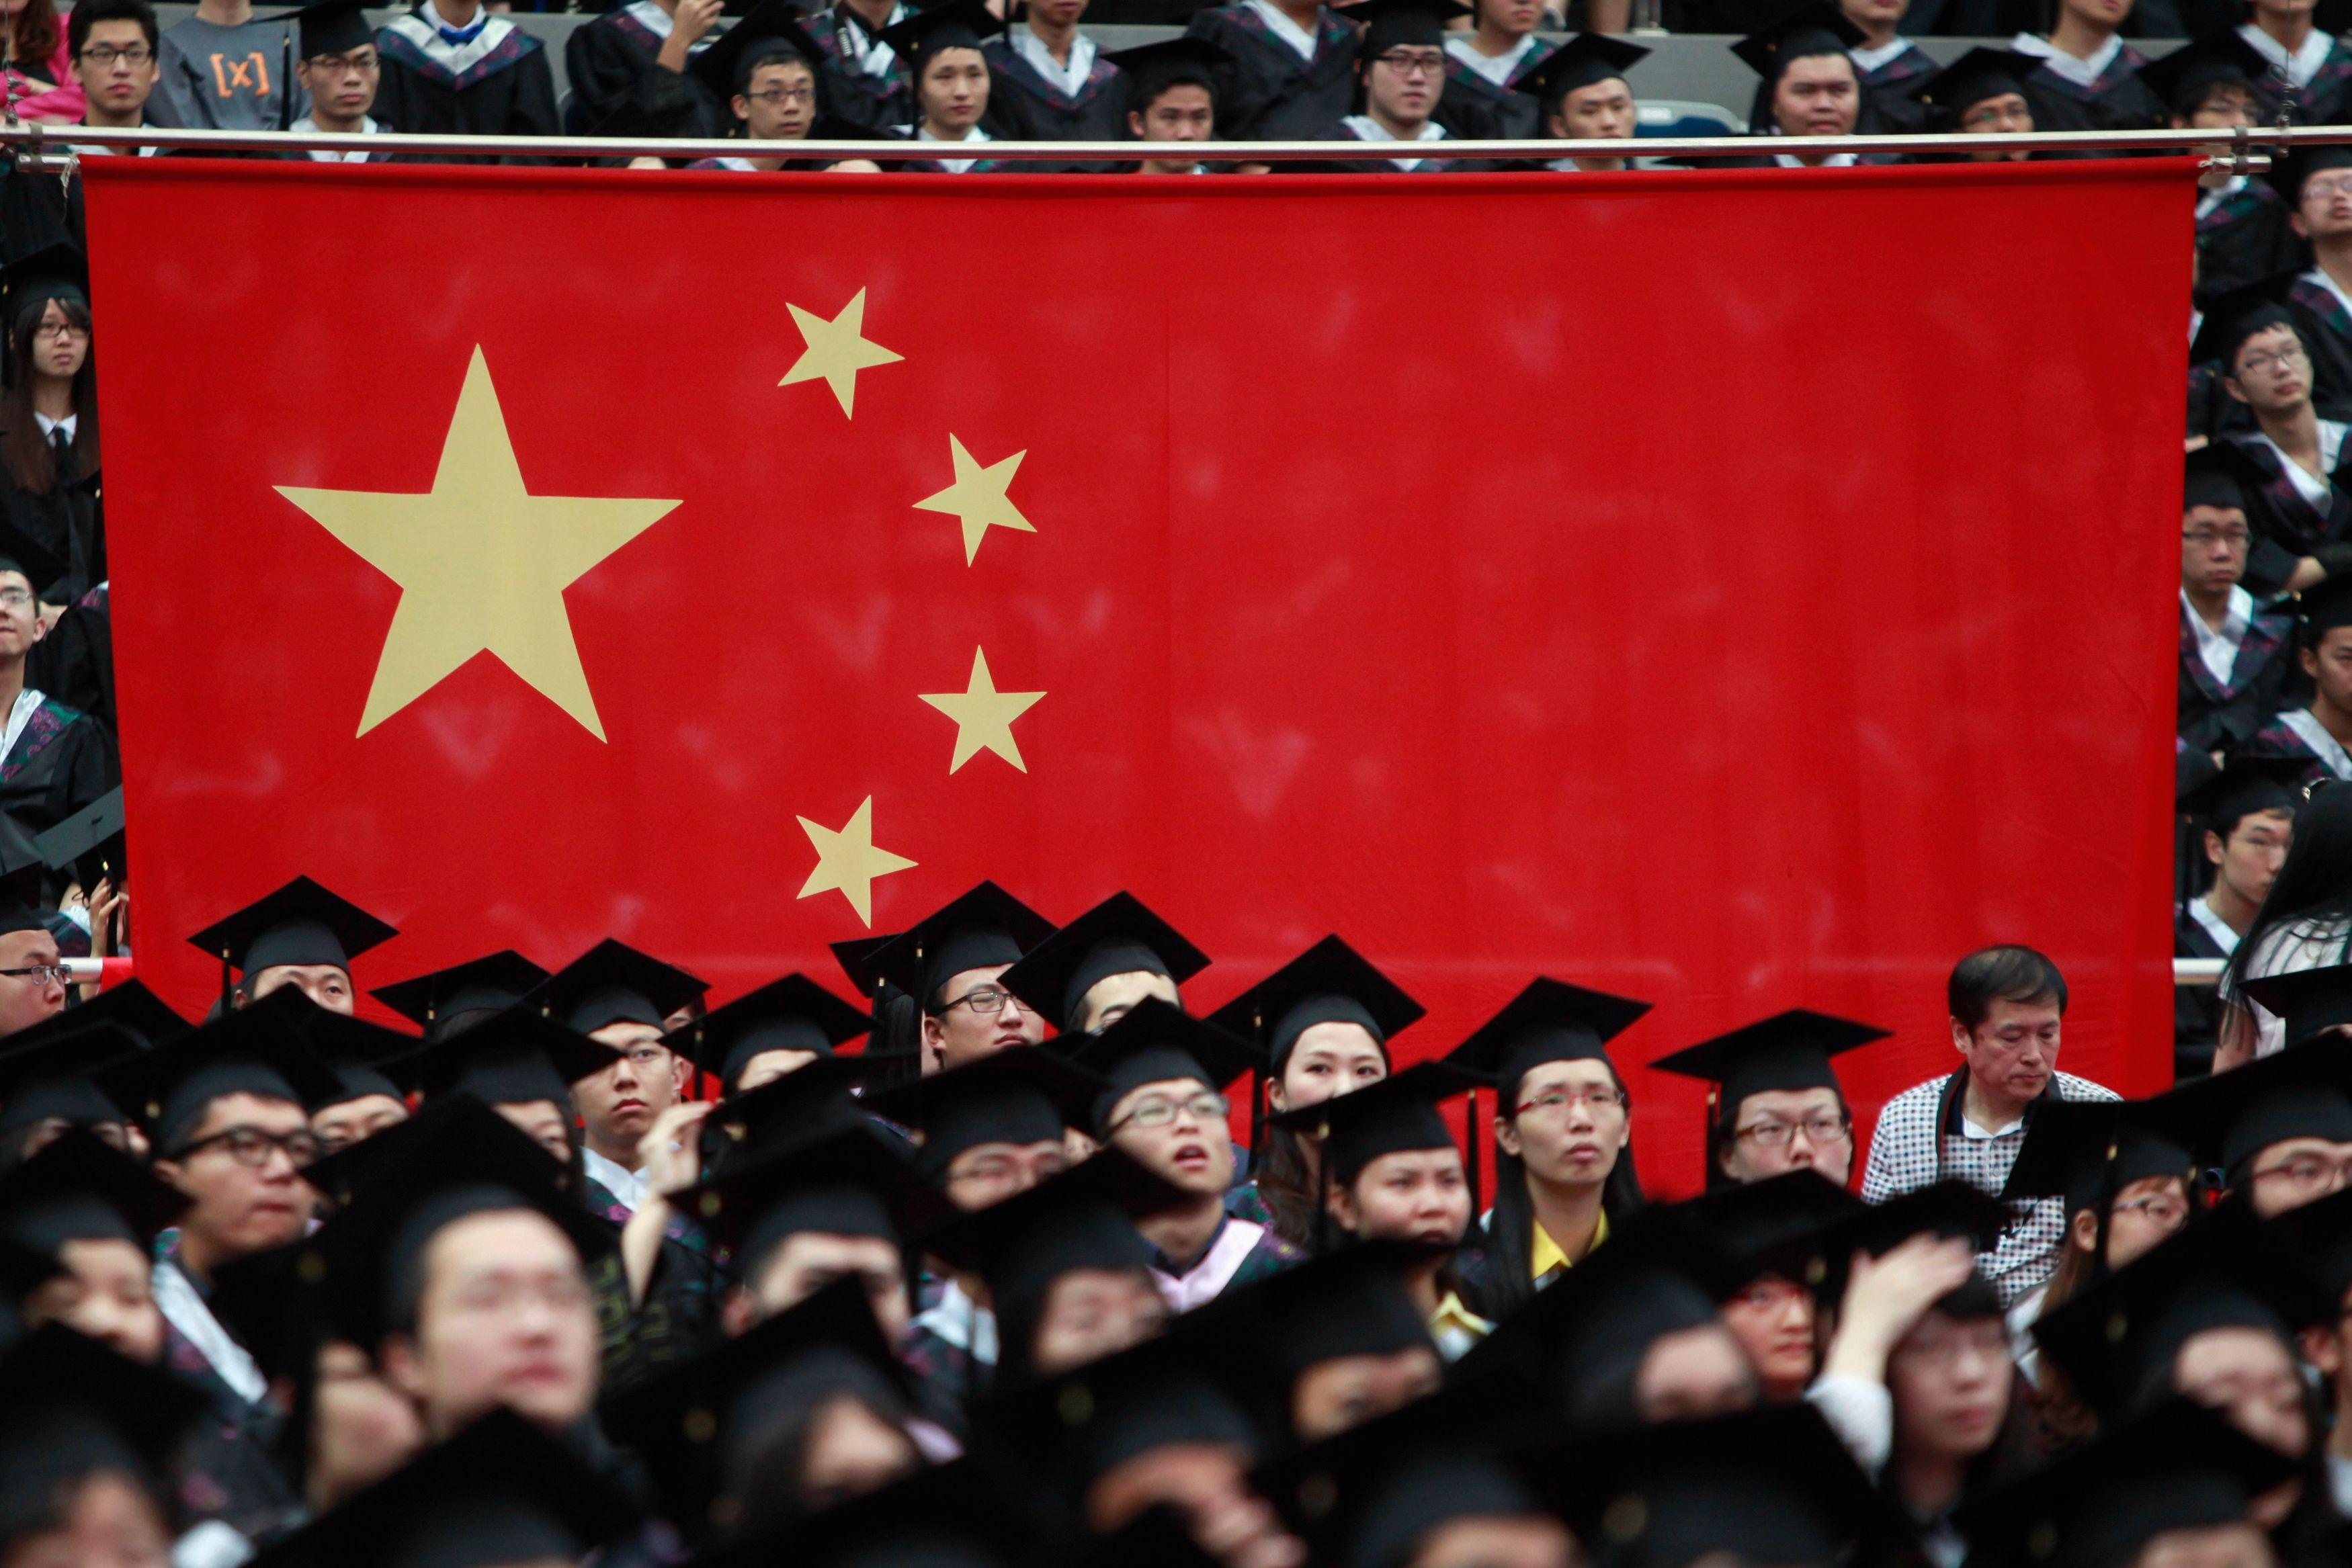 Chine : Pékin critiqué après la mort du dissident Liu Xiaobo